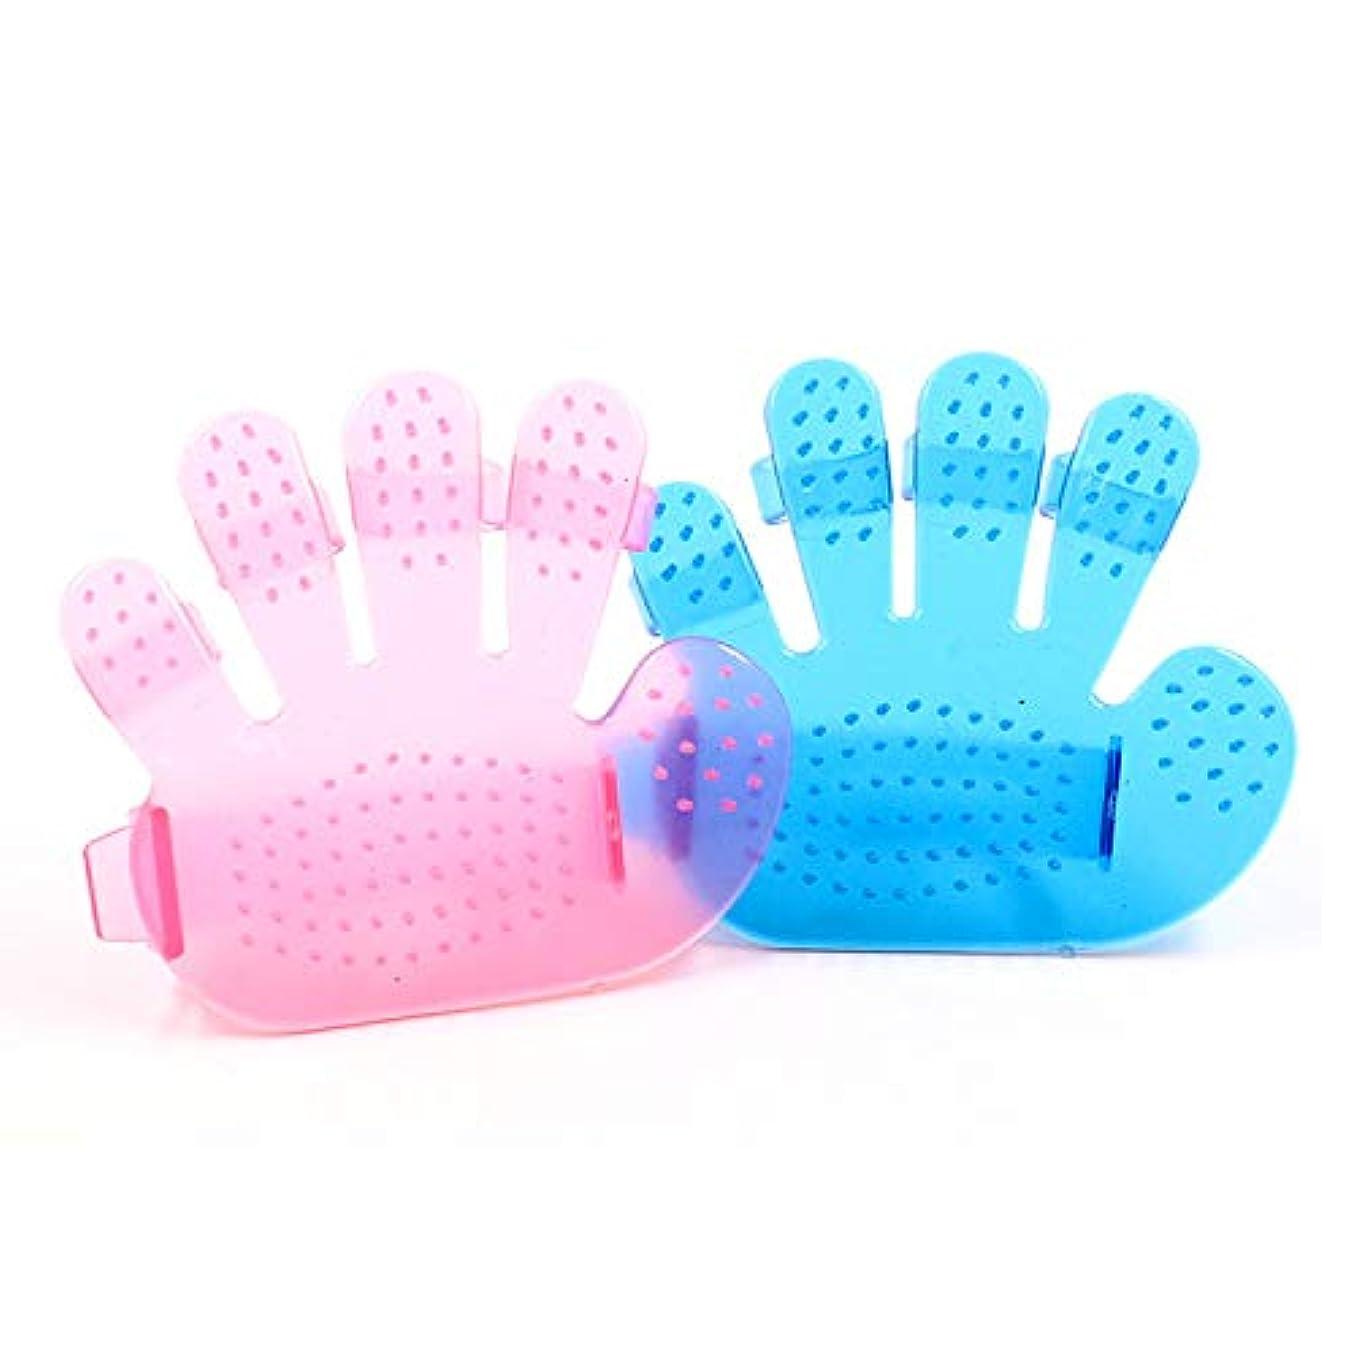 可塑性北極圏冗長BTXXYJP ペット ブラシ 手袋 猫 ブラシ グローブ クリーナー 耐摩耗 抜け毛取り マッサージブラシ 犬 グローブ 10個 (Color : Pink, Size : M-Ten)